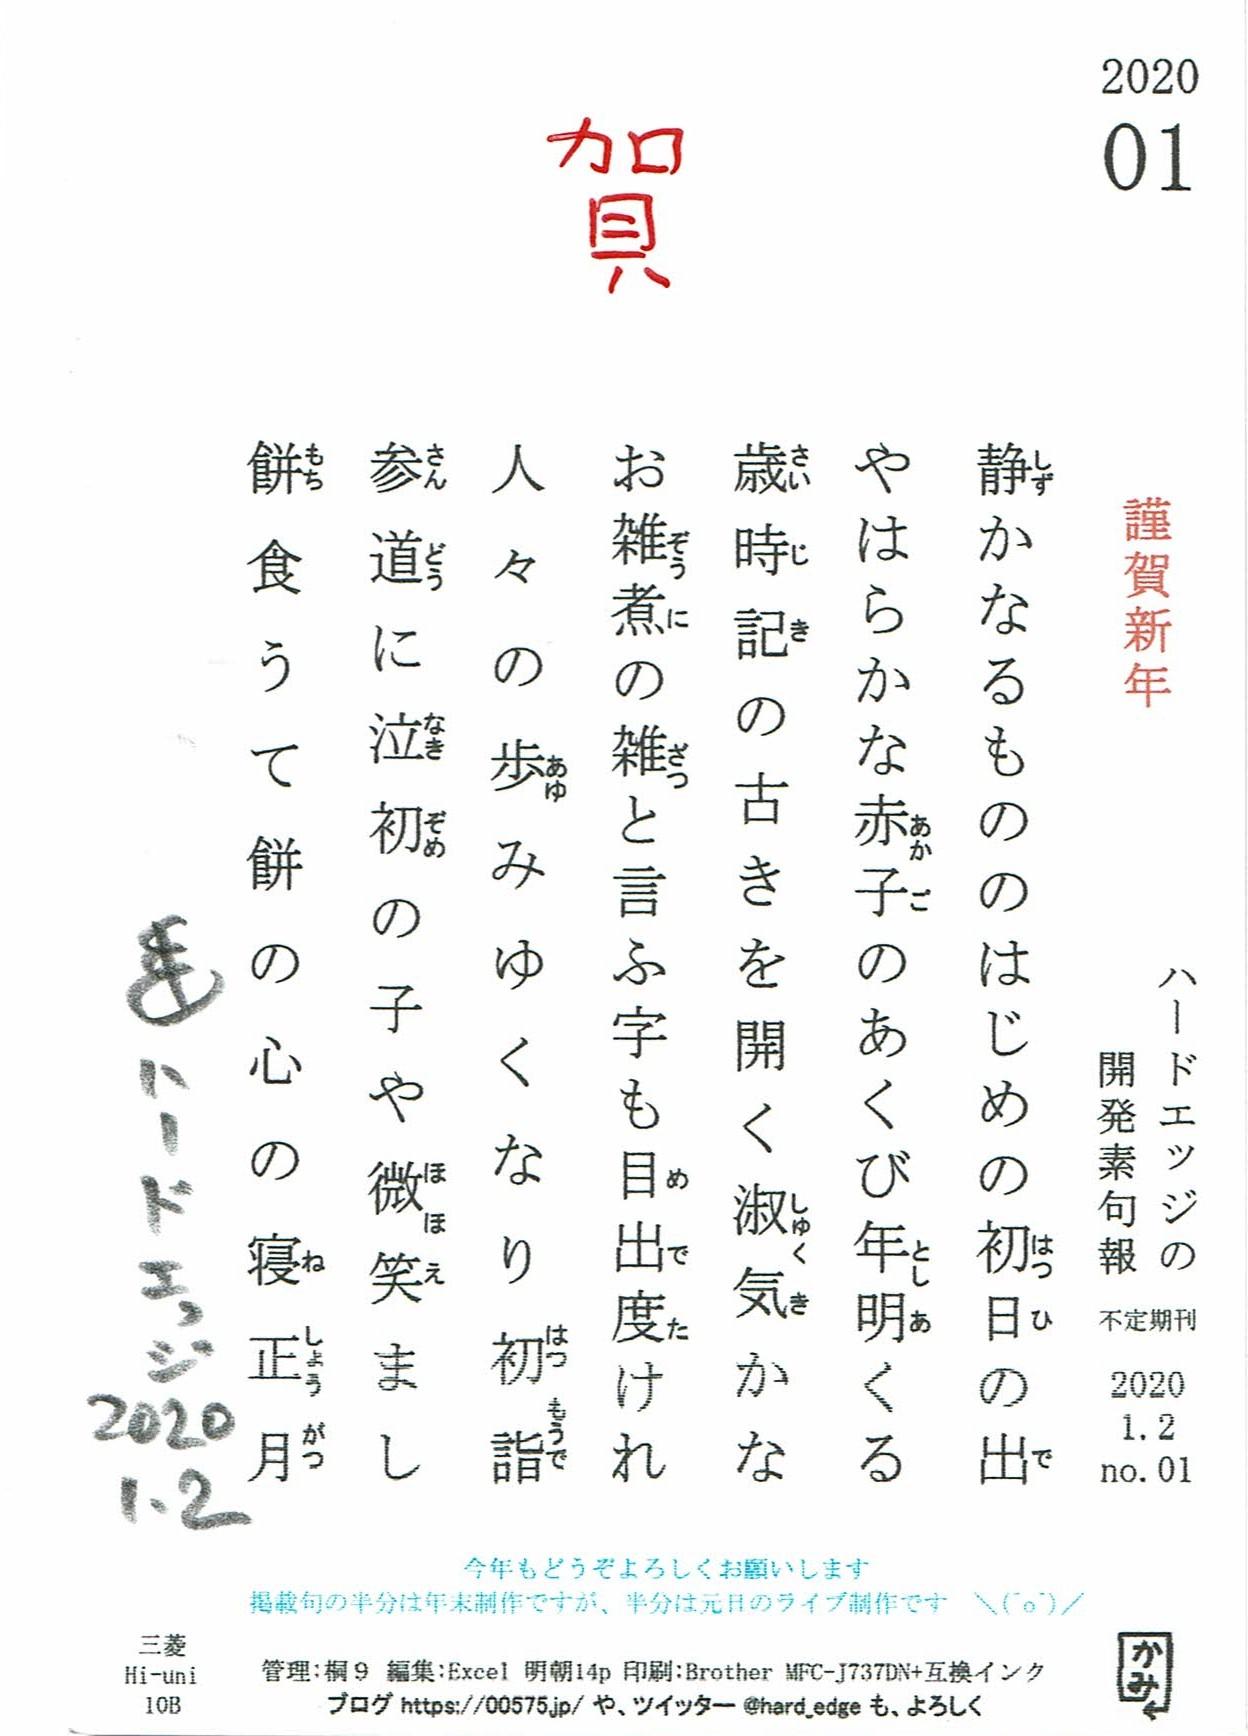 開発素句報 2020-01